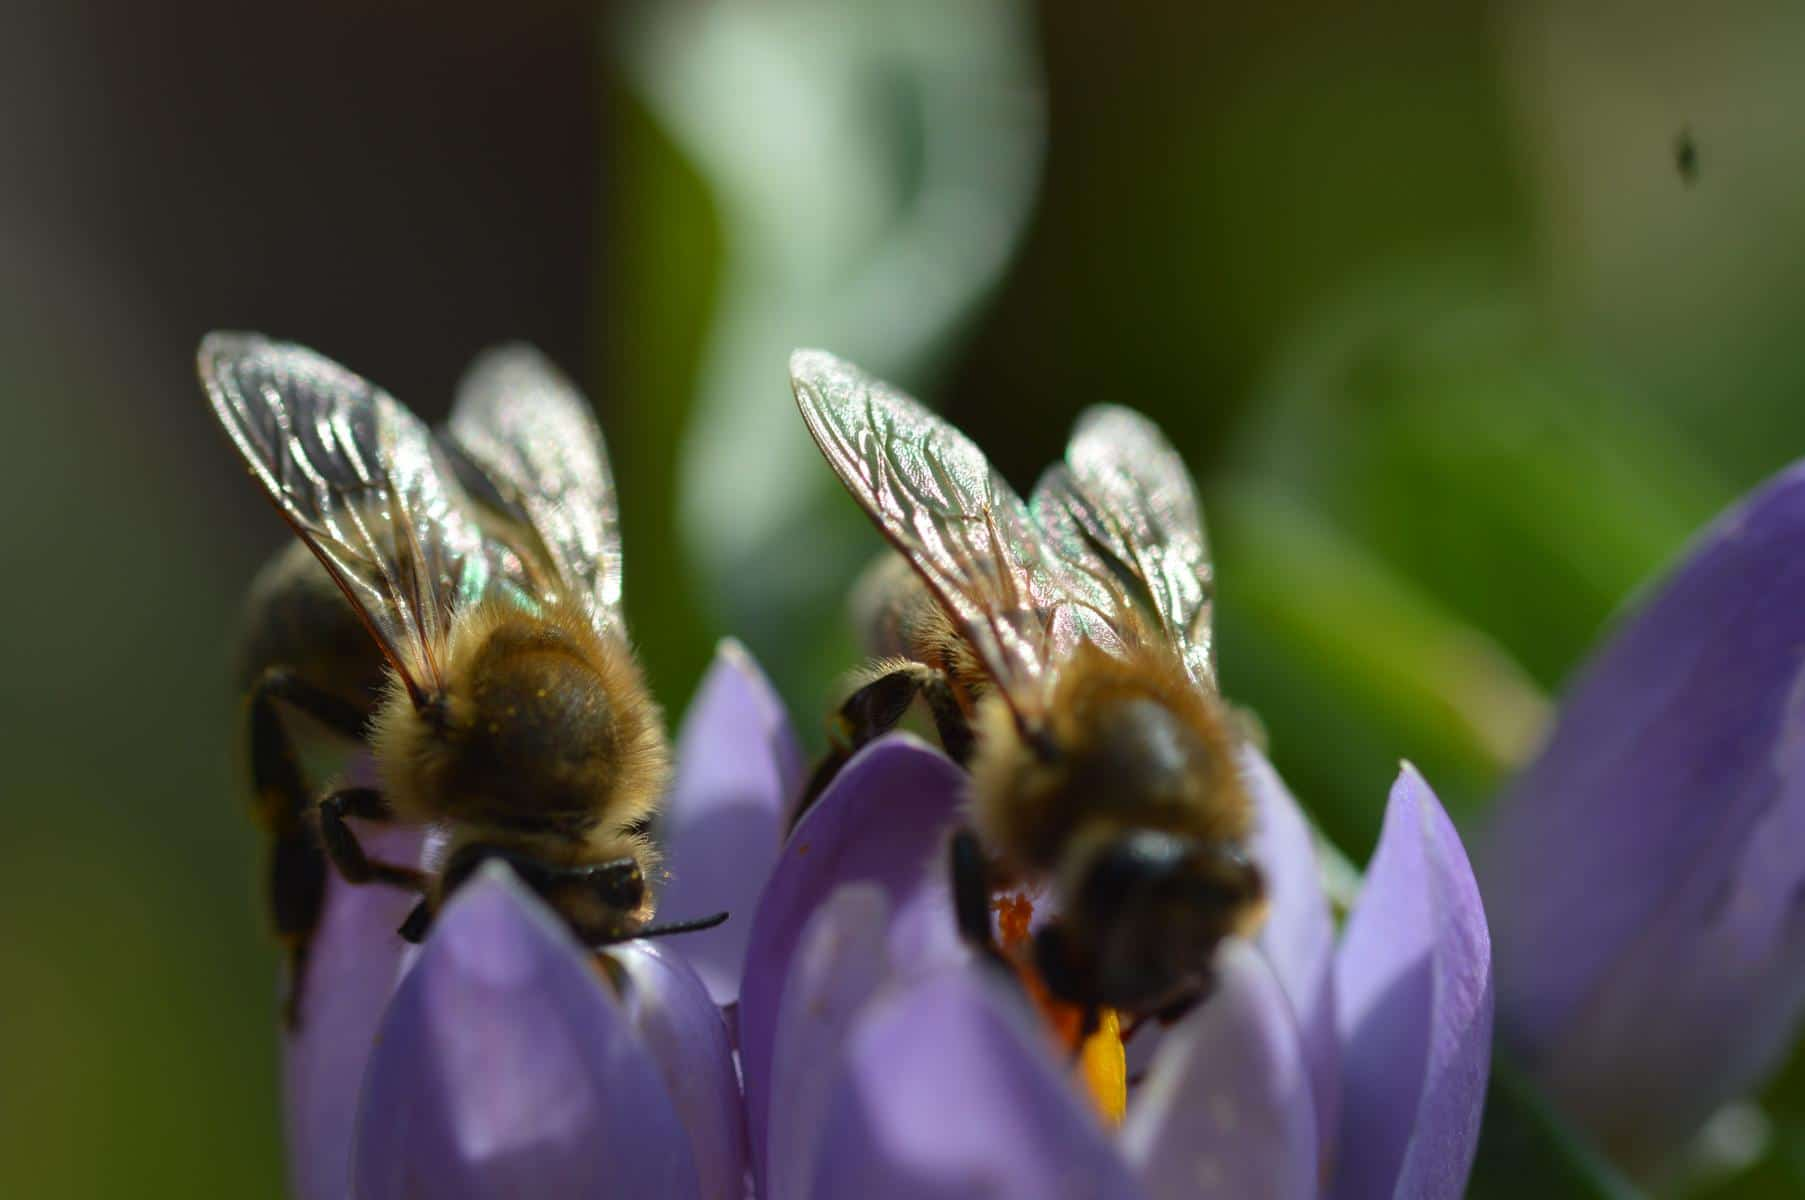 Ätherischen Öle und Flavonoide in der Luft aus dem Bienenstock